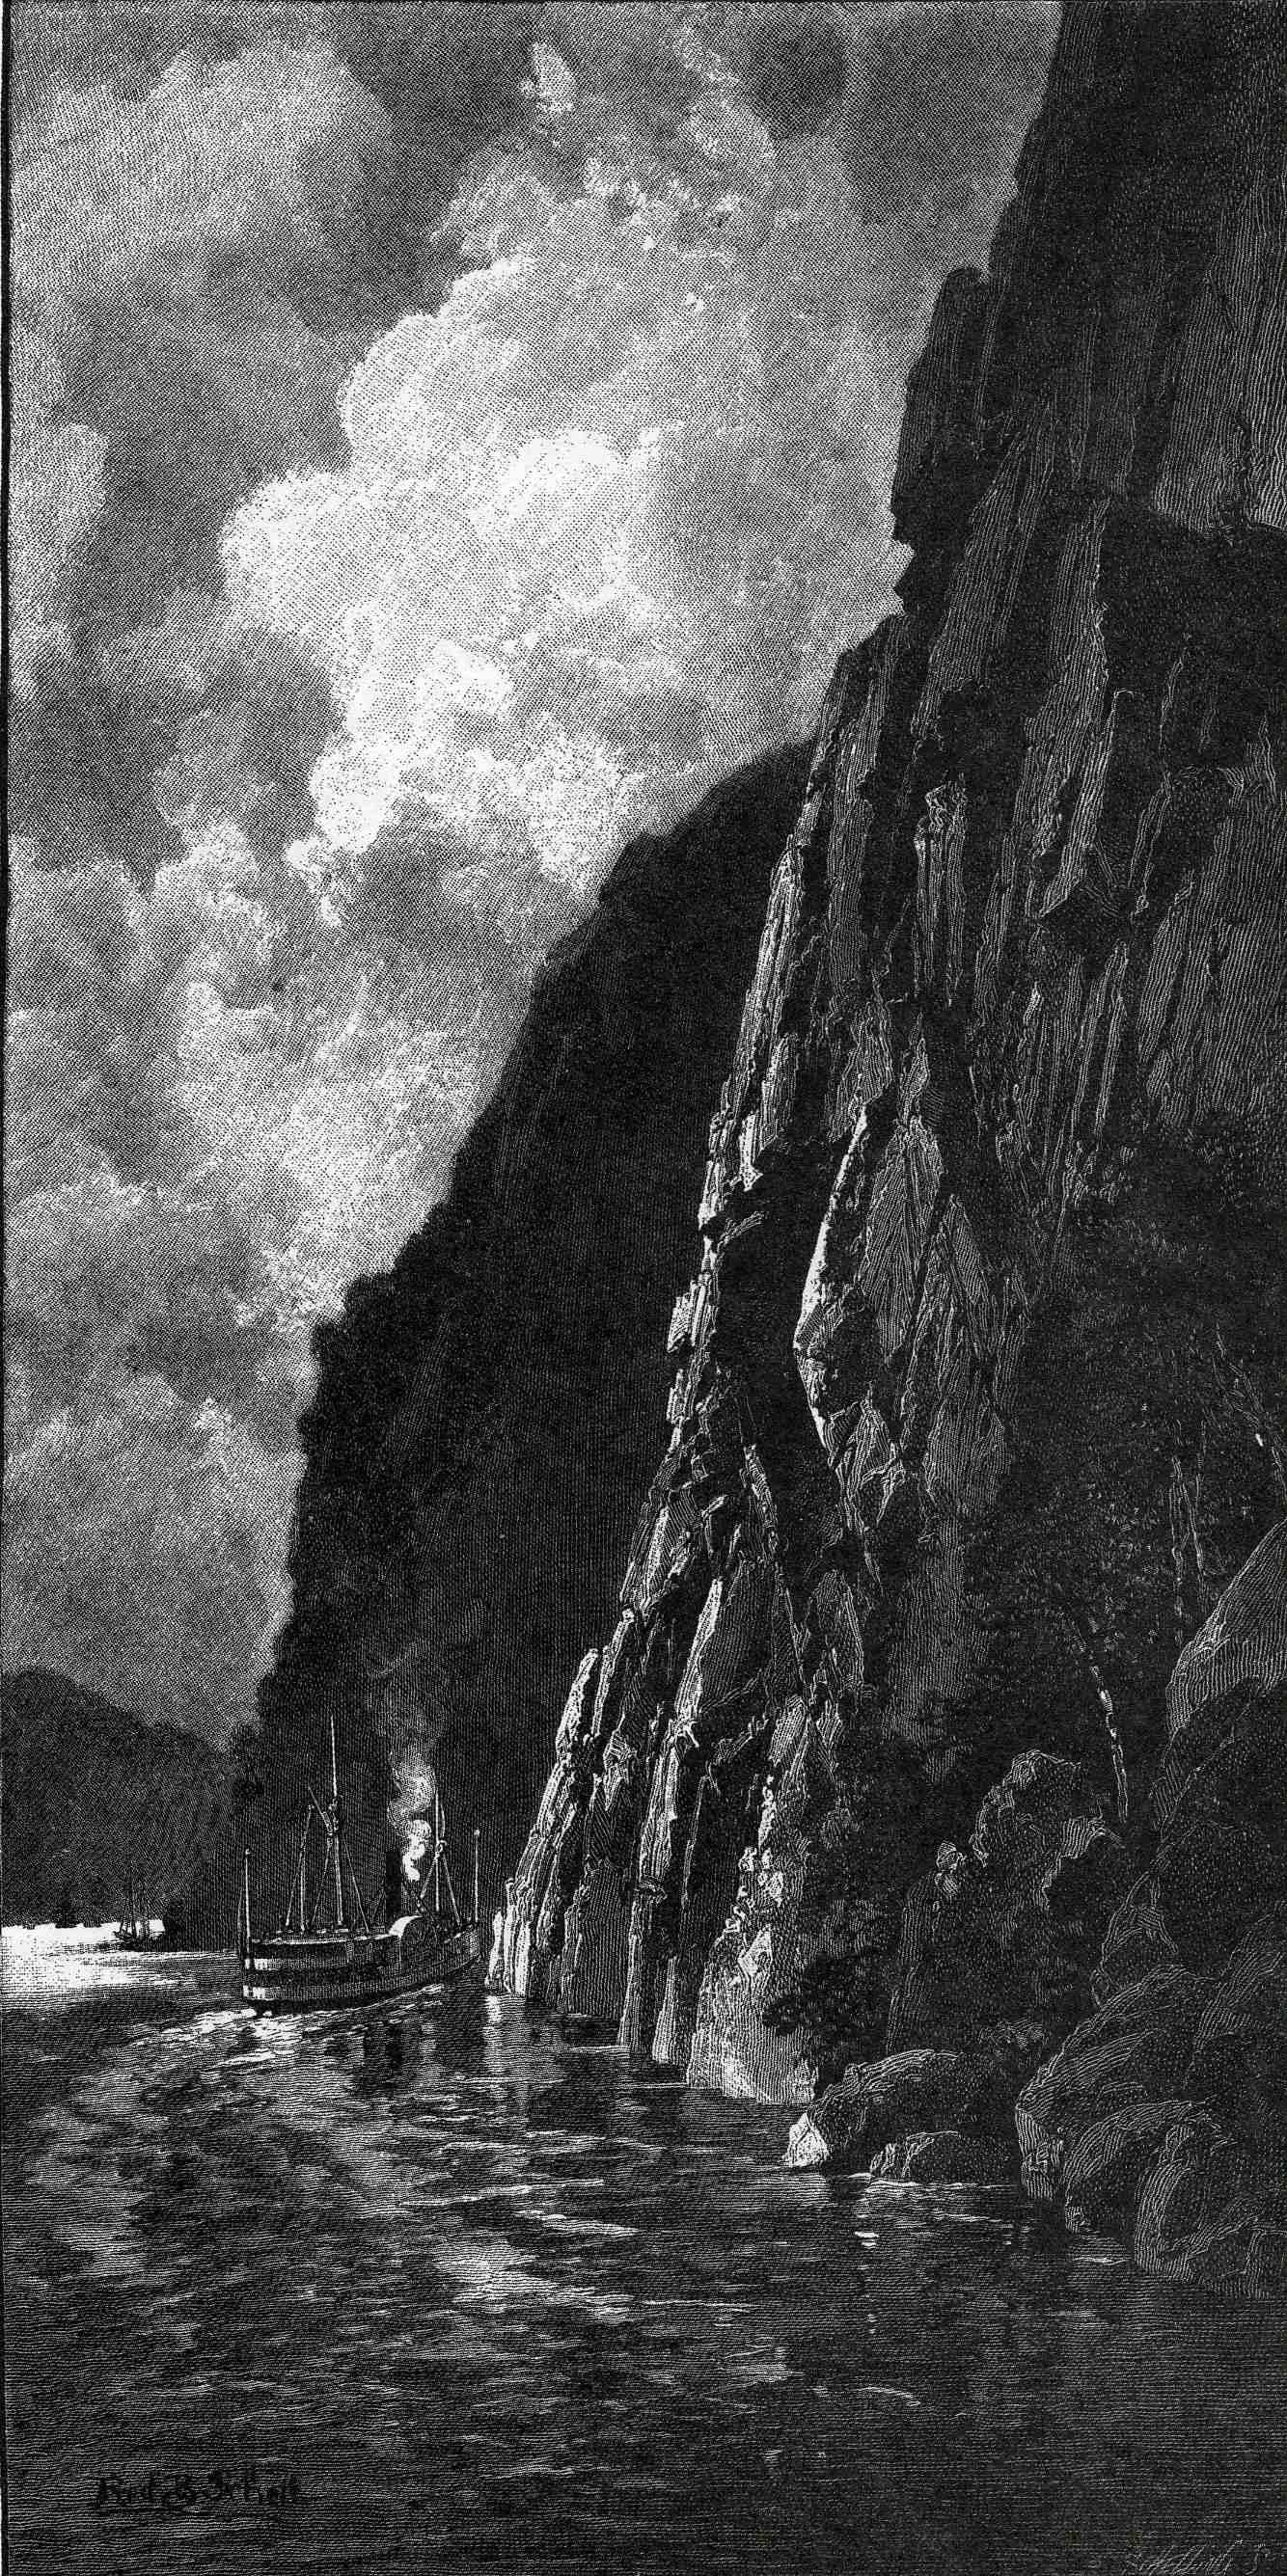 Gravure un navire de croisière circule au pied d'une immense falaise.